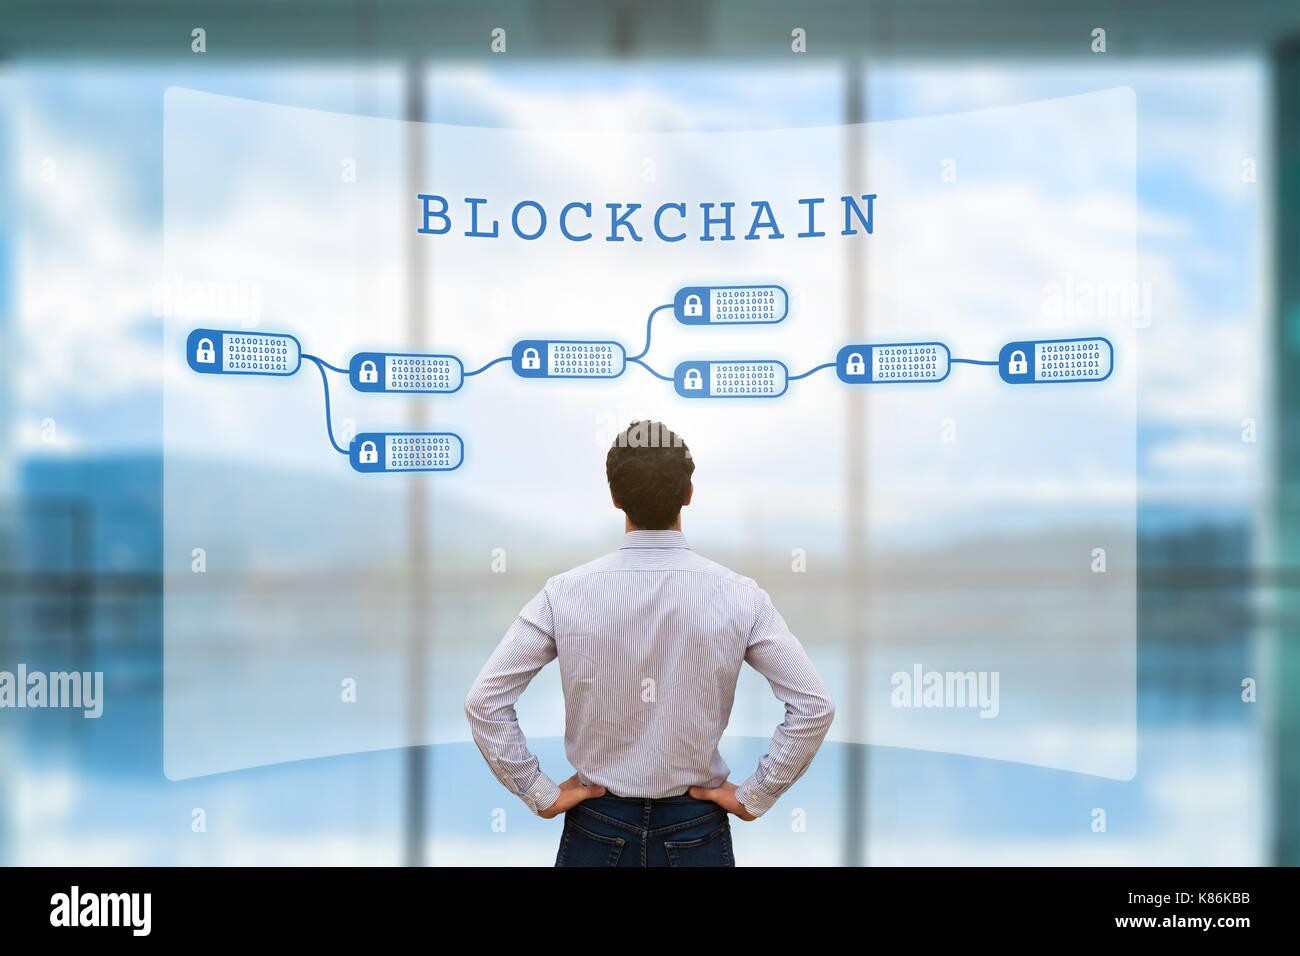 Personne à blockchain au concept à l'écran comme un grand livre cryptocurrency décentralisé pour les technologies et les données de transaction Photo Stock